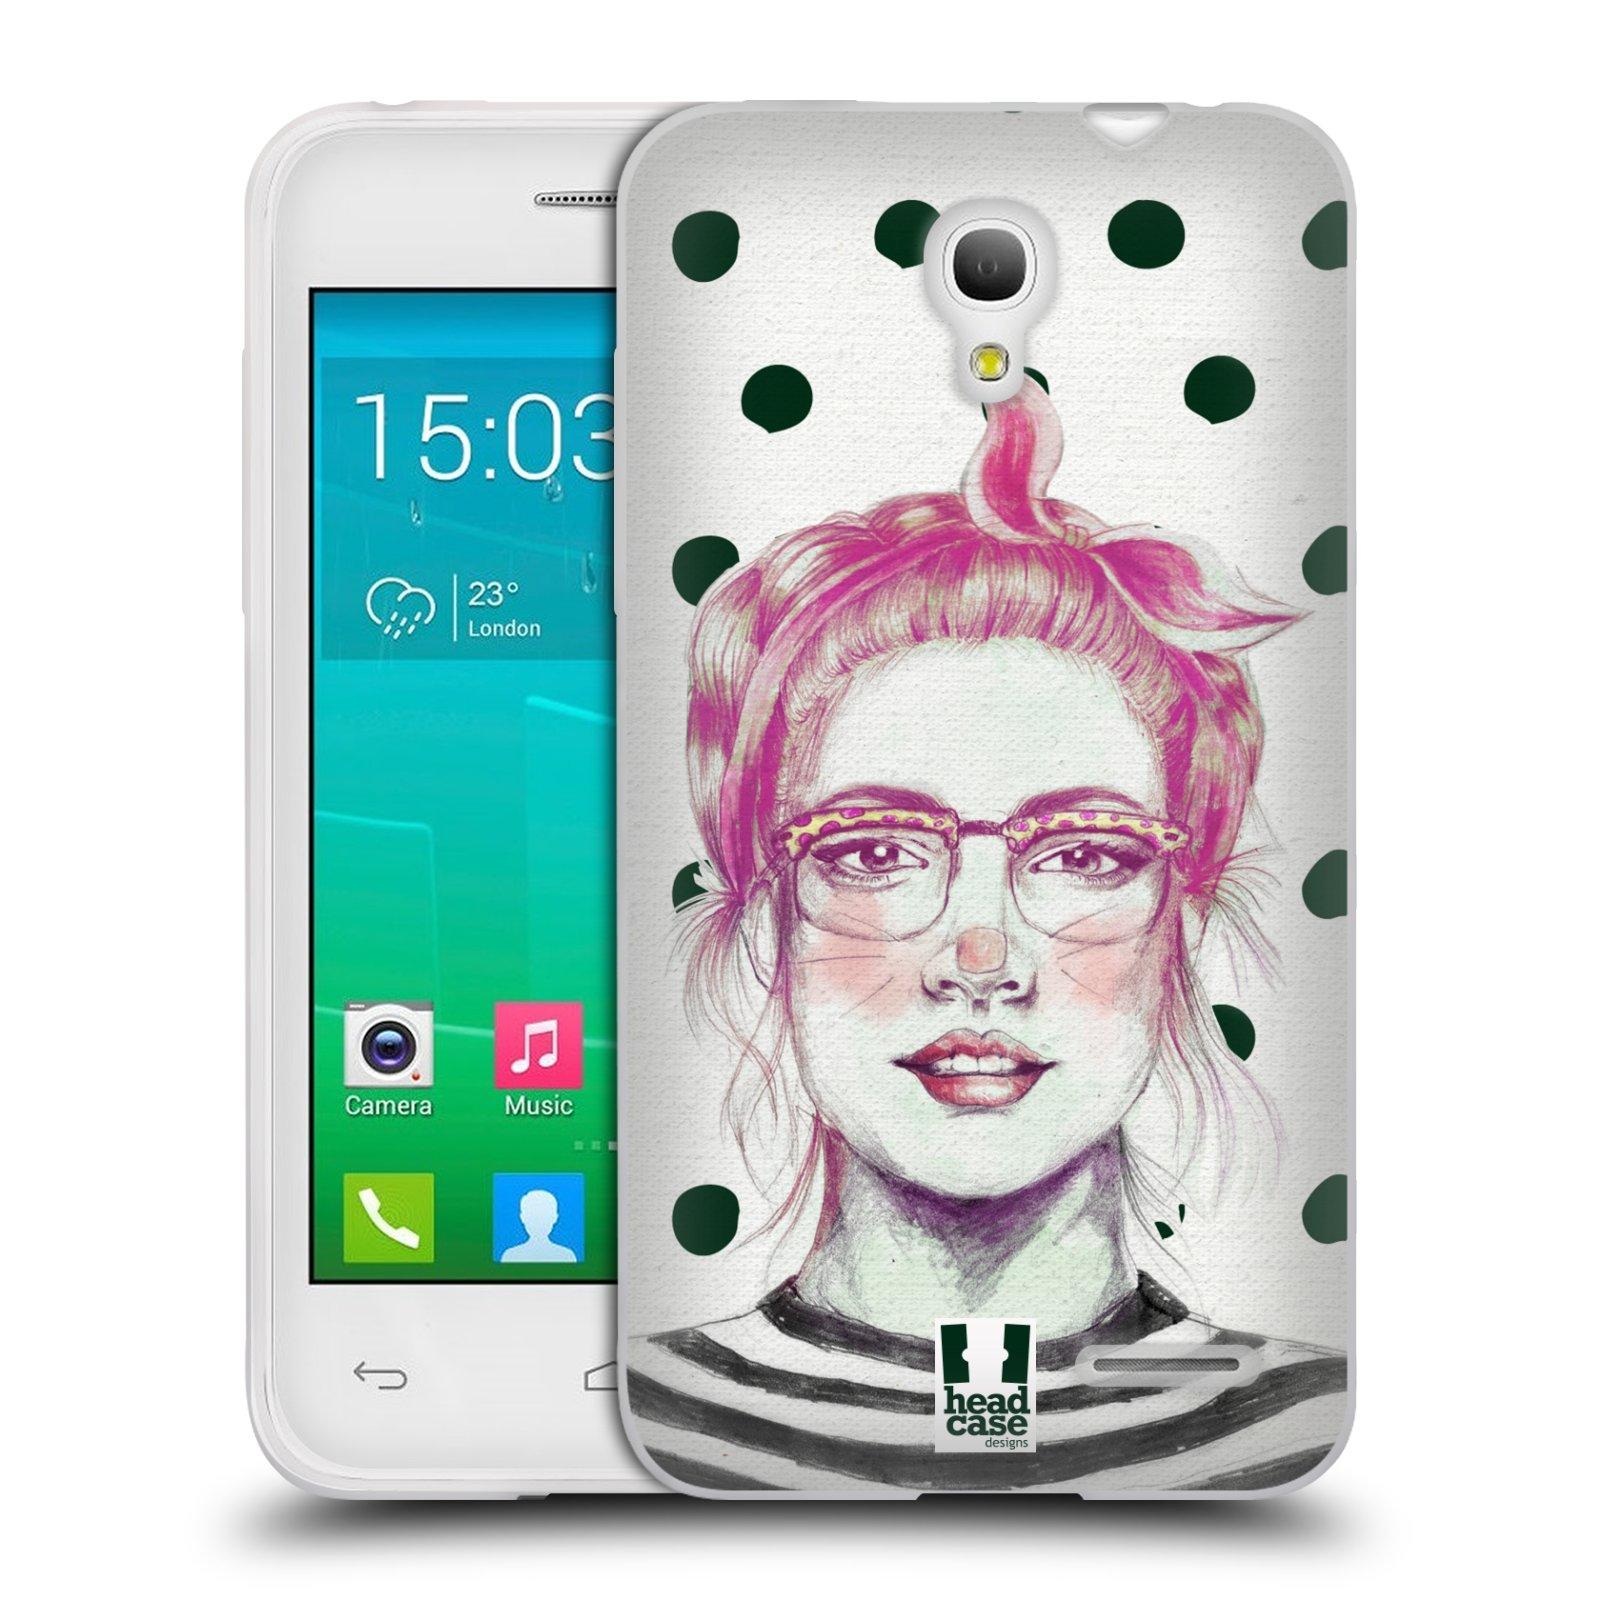 HEAD CASE silikonový obal na mobil Alcatel POP S3 OT-5050Y vzor Děvče zvířecí tématika zajíček puntíky